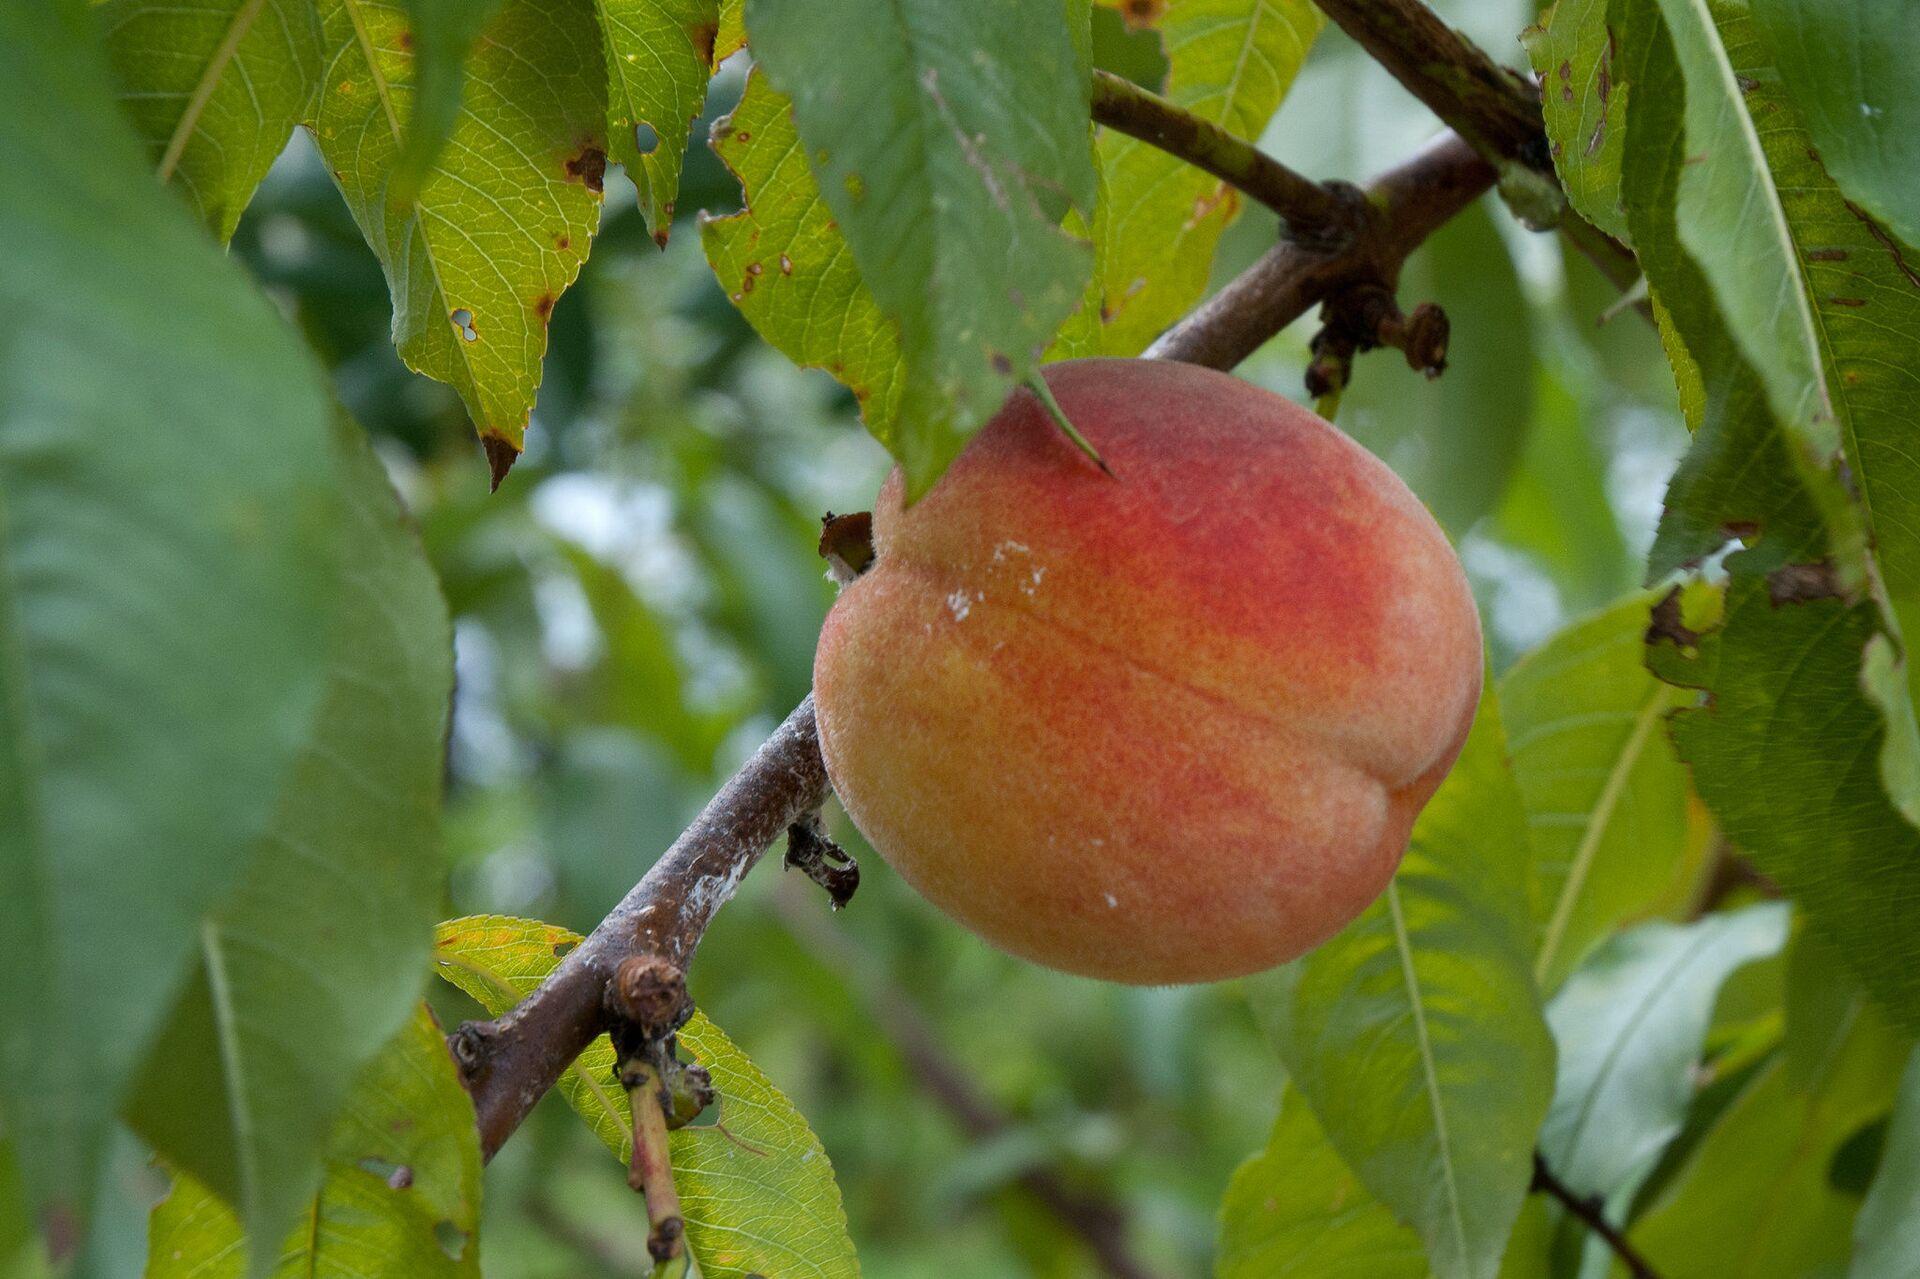 Что происходит с организмом, когда вы едите персики? - Sputnik Армения, 1920, 27.07.2021